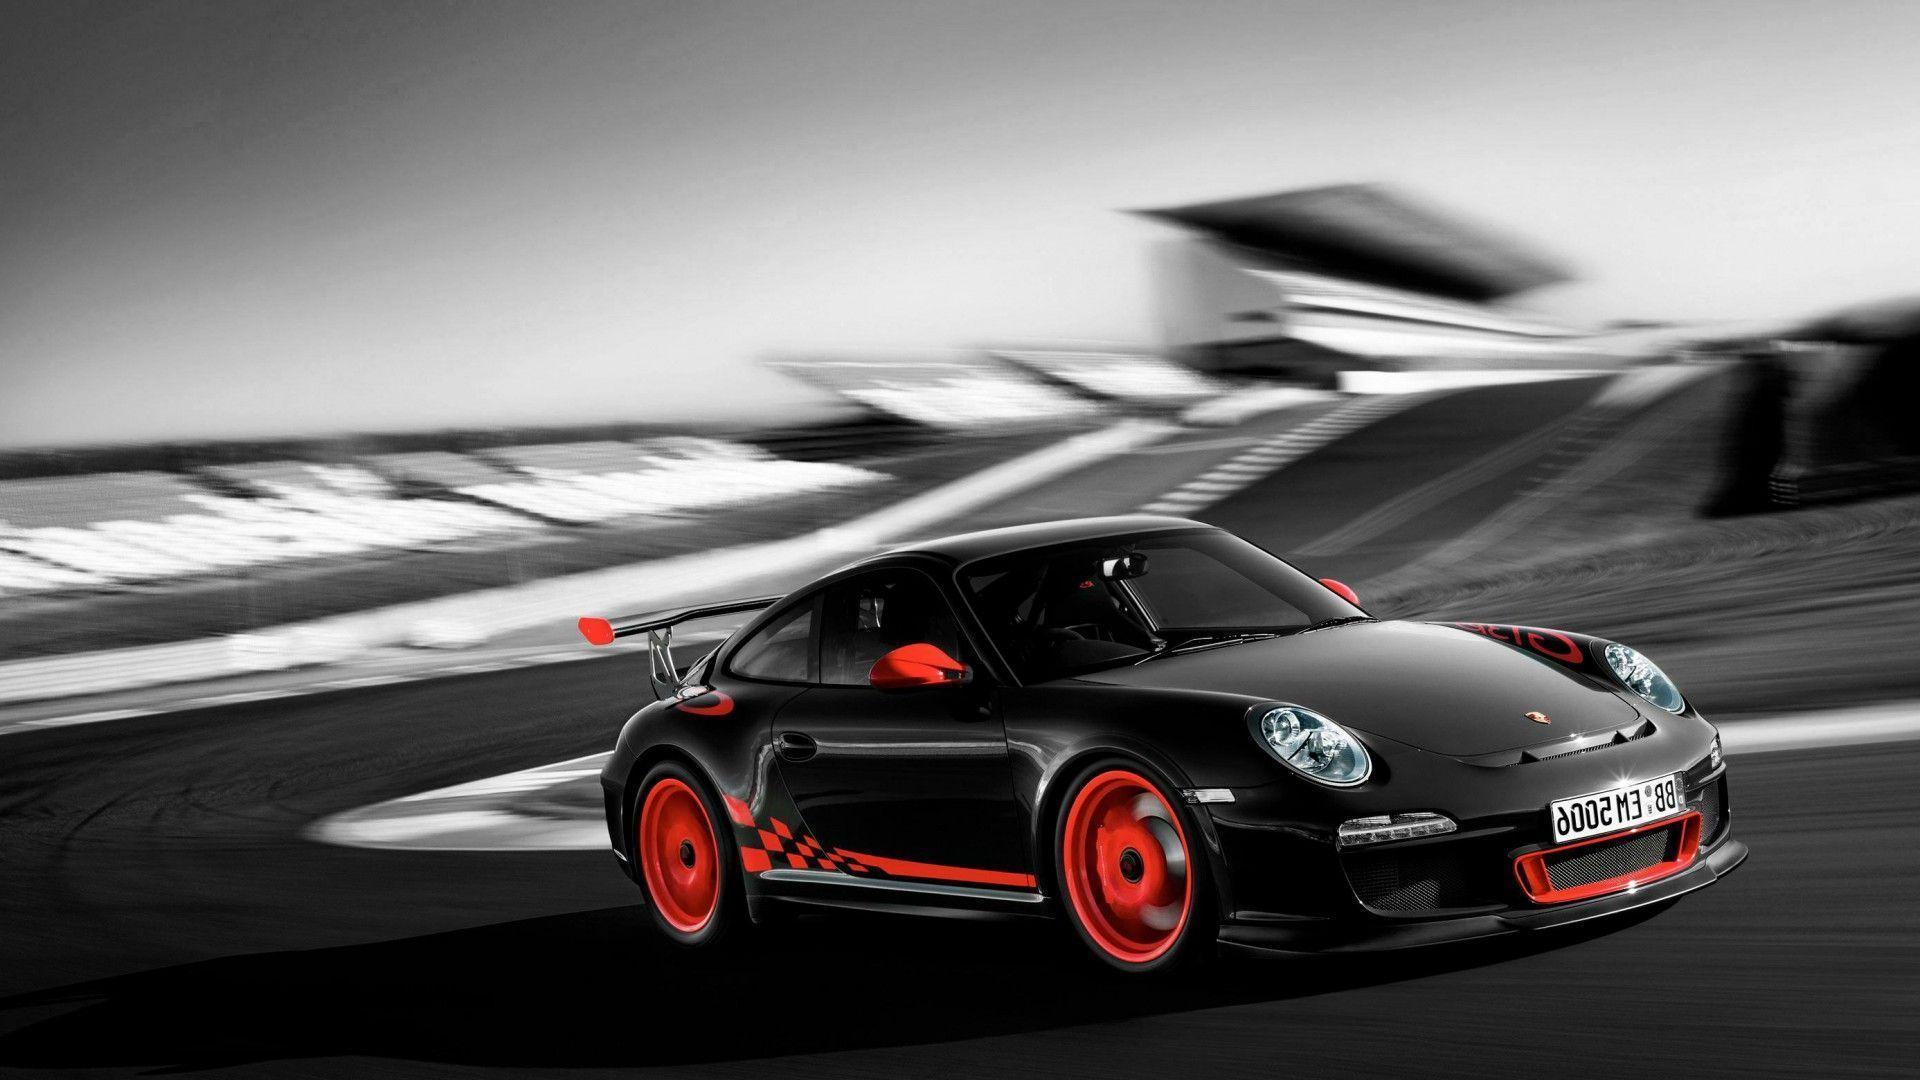 Porsche Wallpaper 1920x1080 #1174 Wallpaper HD Download | Cool ...